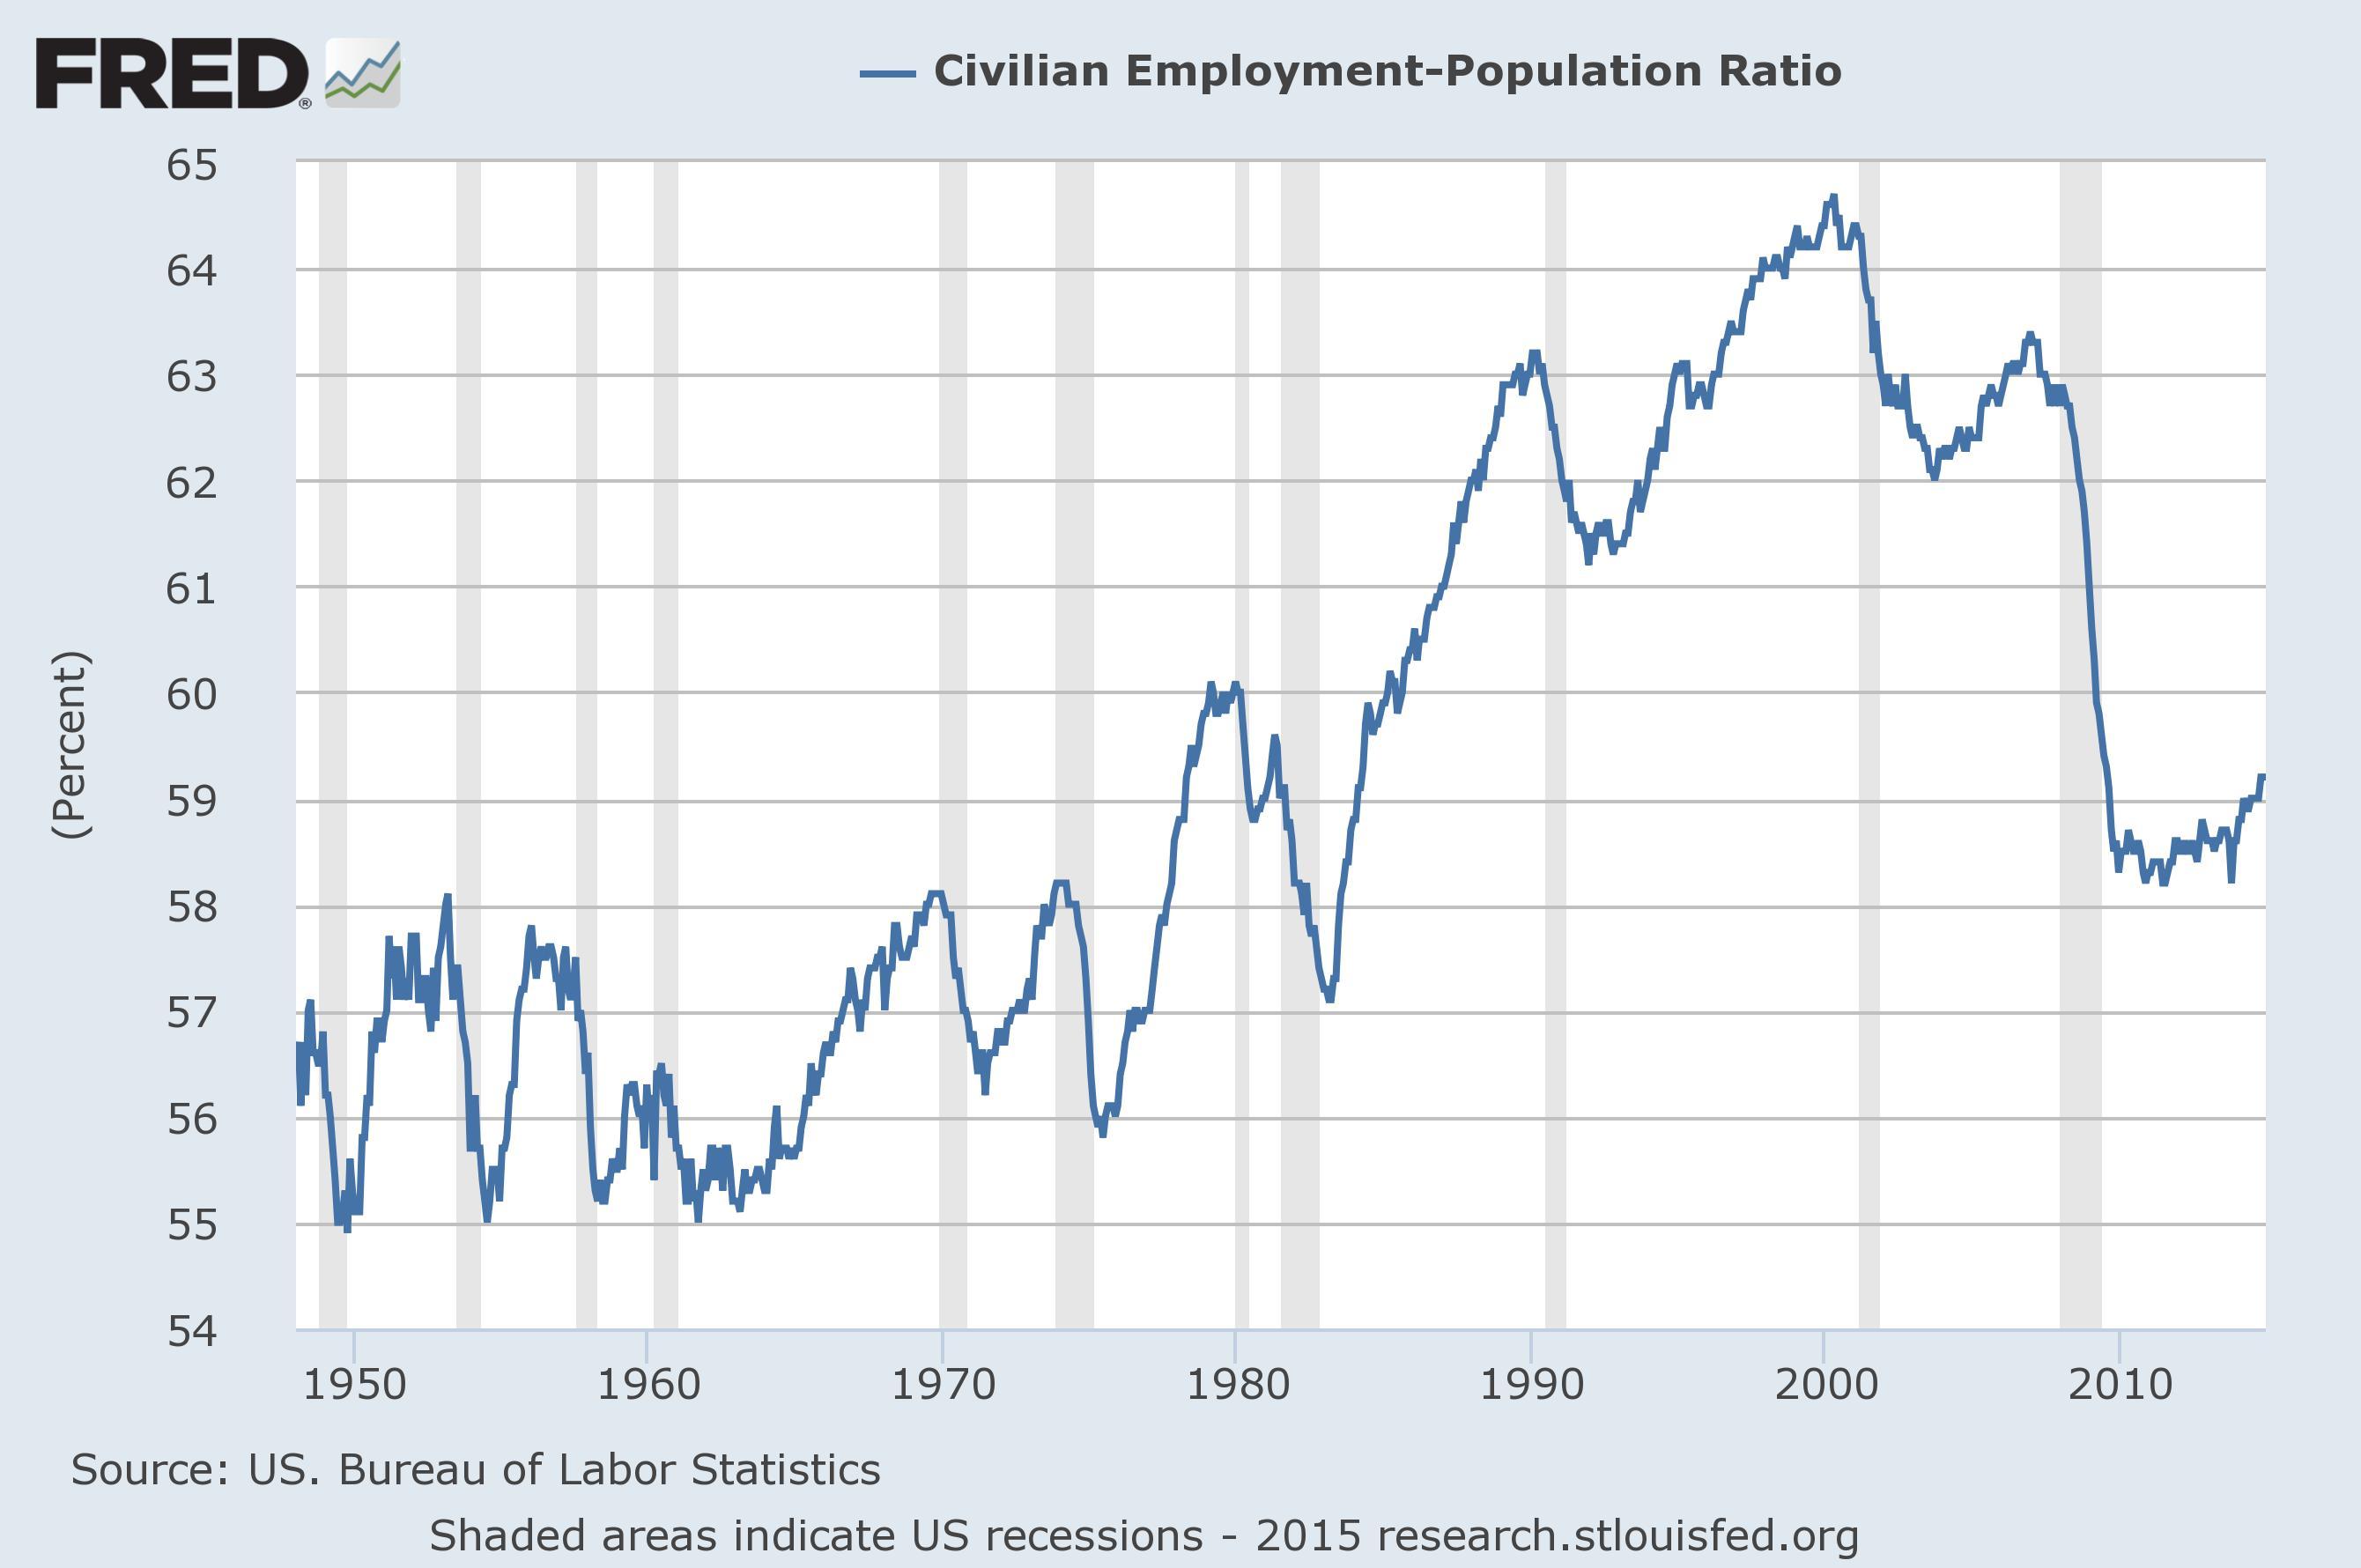 employment.population